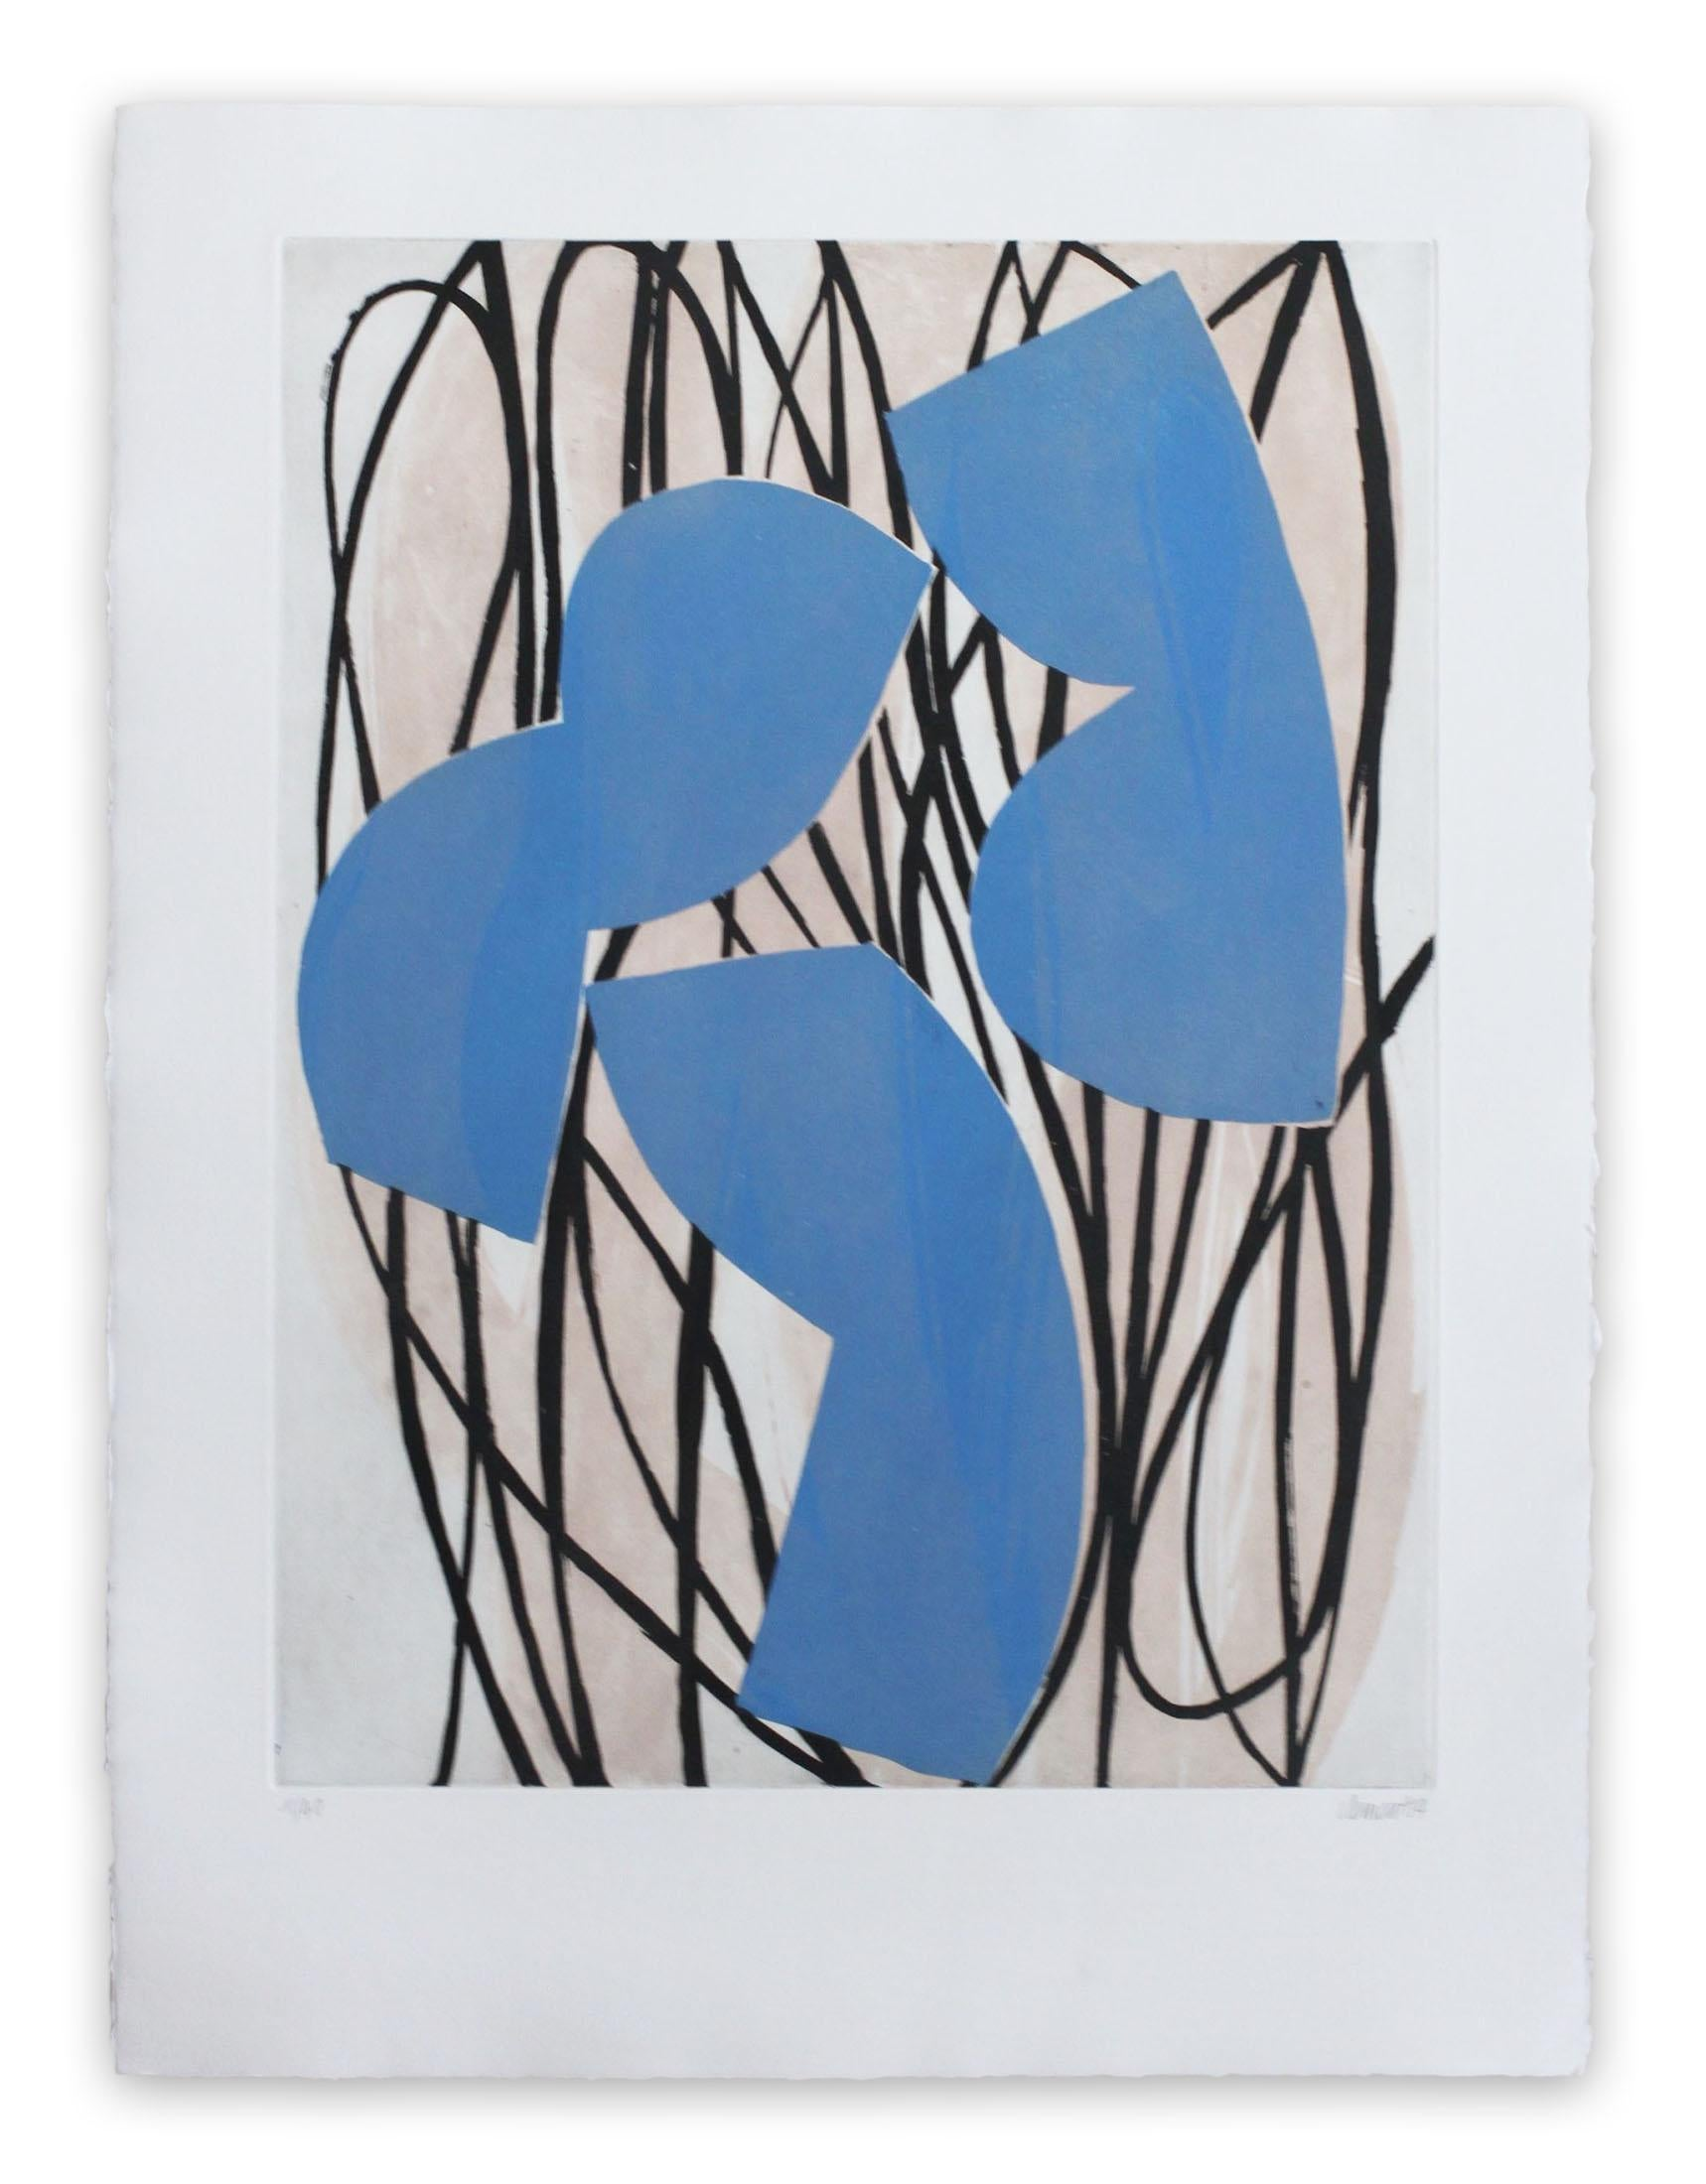 14AV7G-2014 (Abstract print)